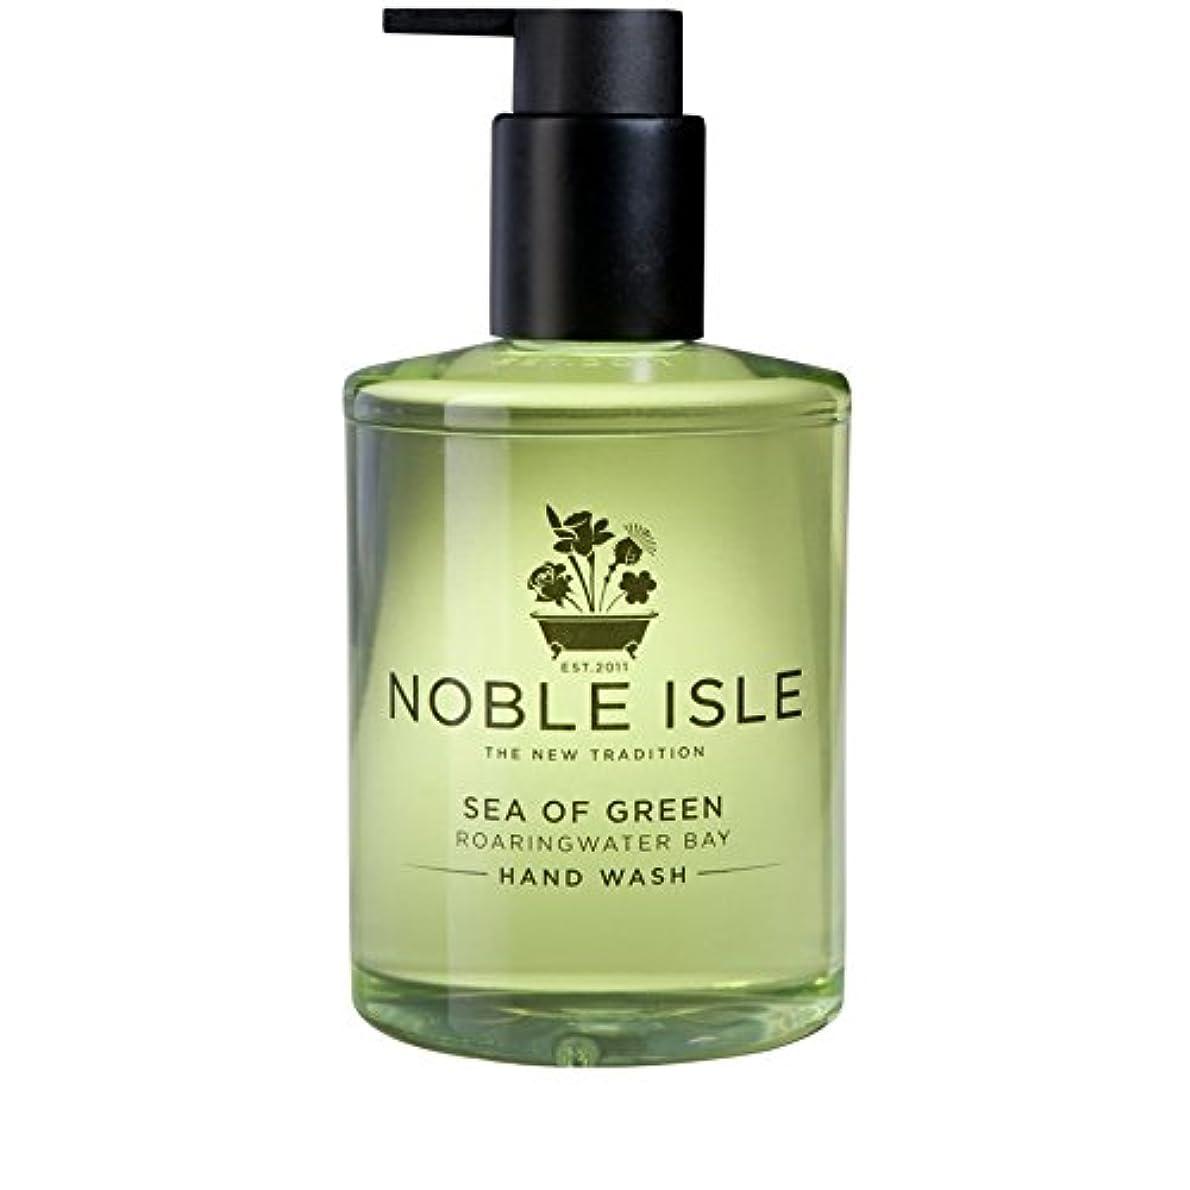 再現する食事頭痛緑ベイハンドウォッシュ250ミリリットルの高貴な島の海 x4 - Noble Isle Sea of Green Roaringwater Bay Hand Wash 250ml (Pack of 4) [並行輸入品]